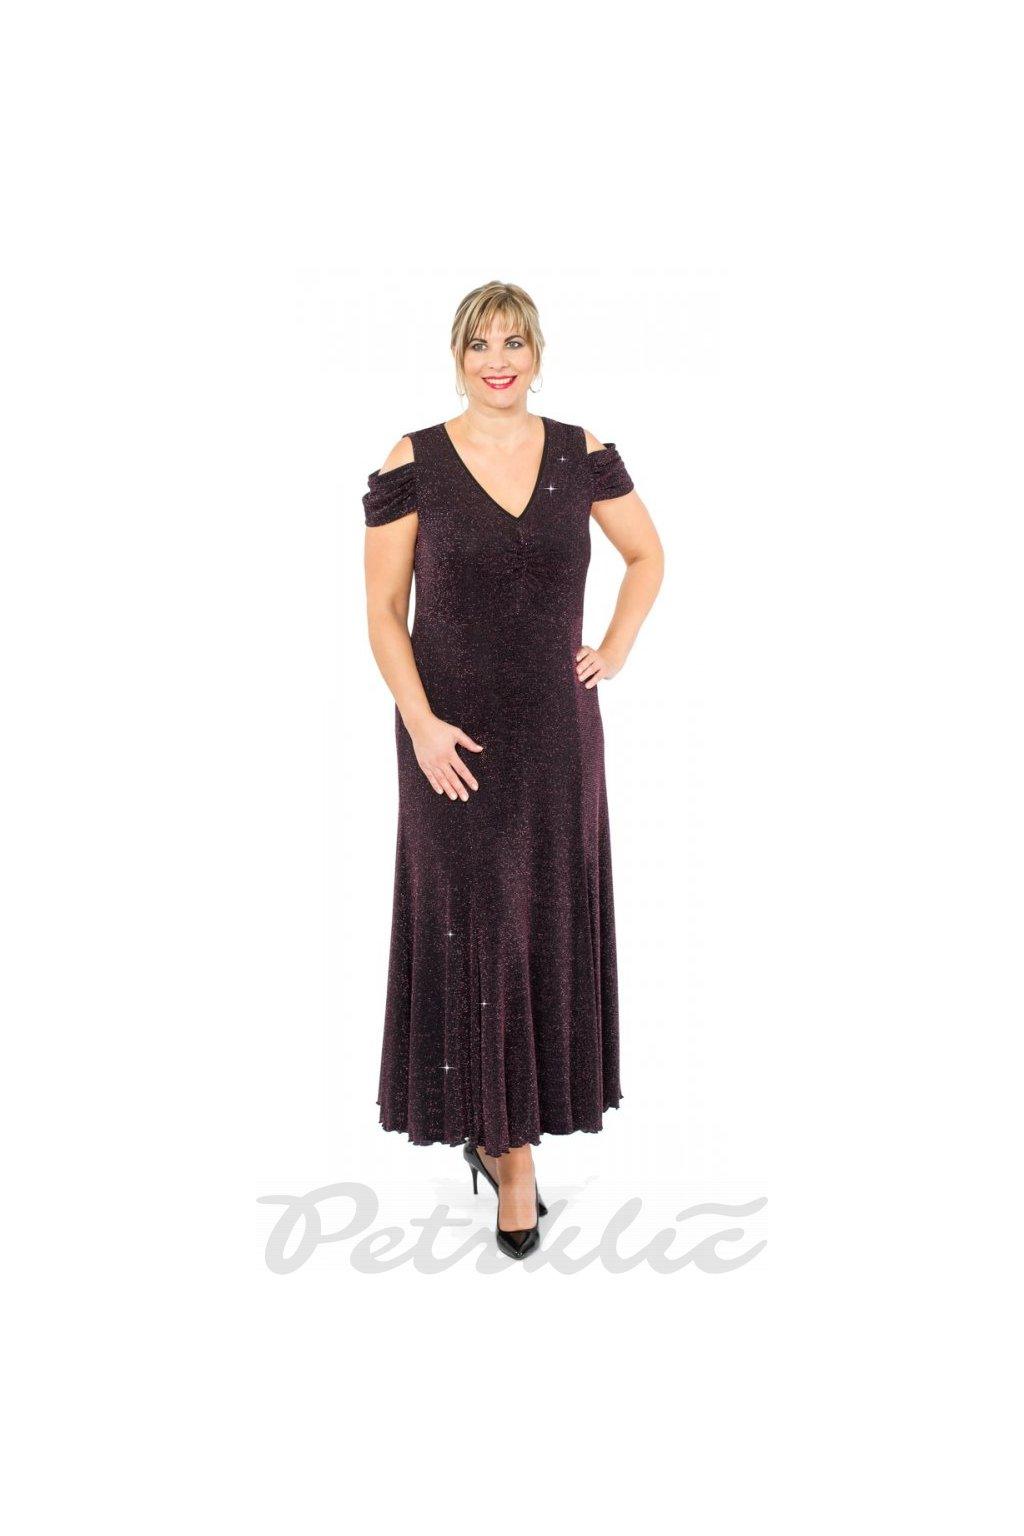 MERYLA - šaty 120 - 125 cm